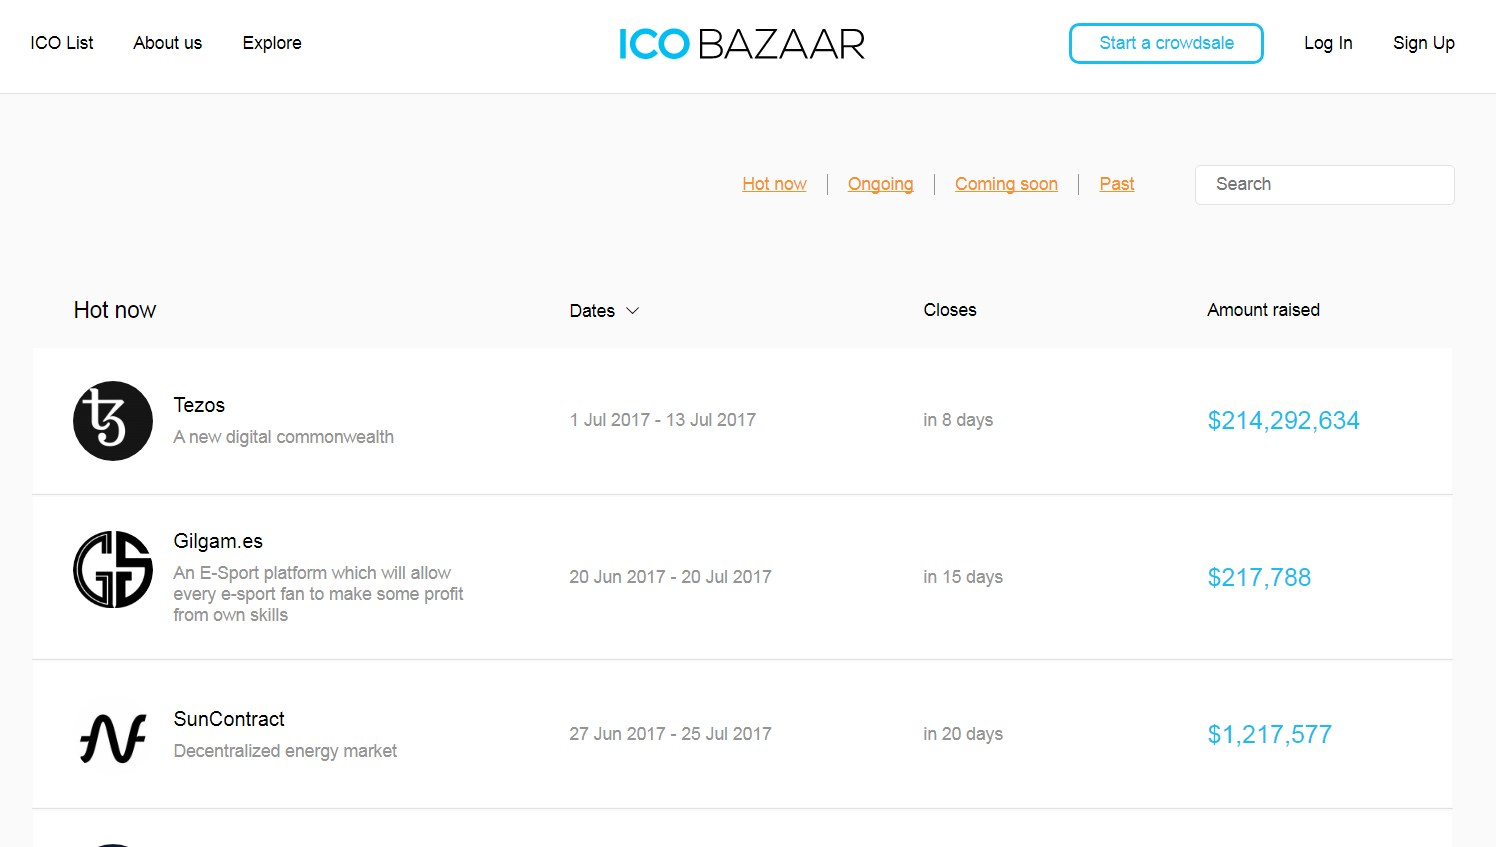 ICO bazaar